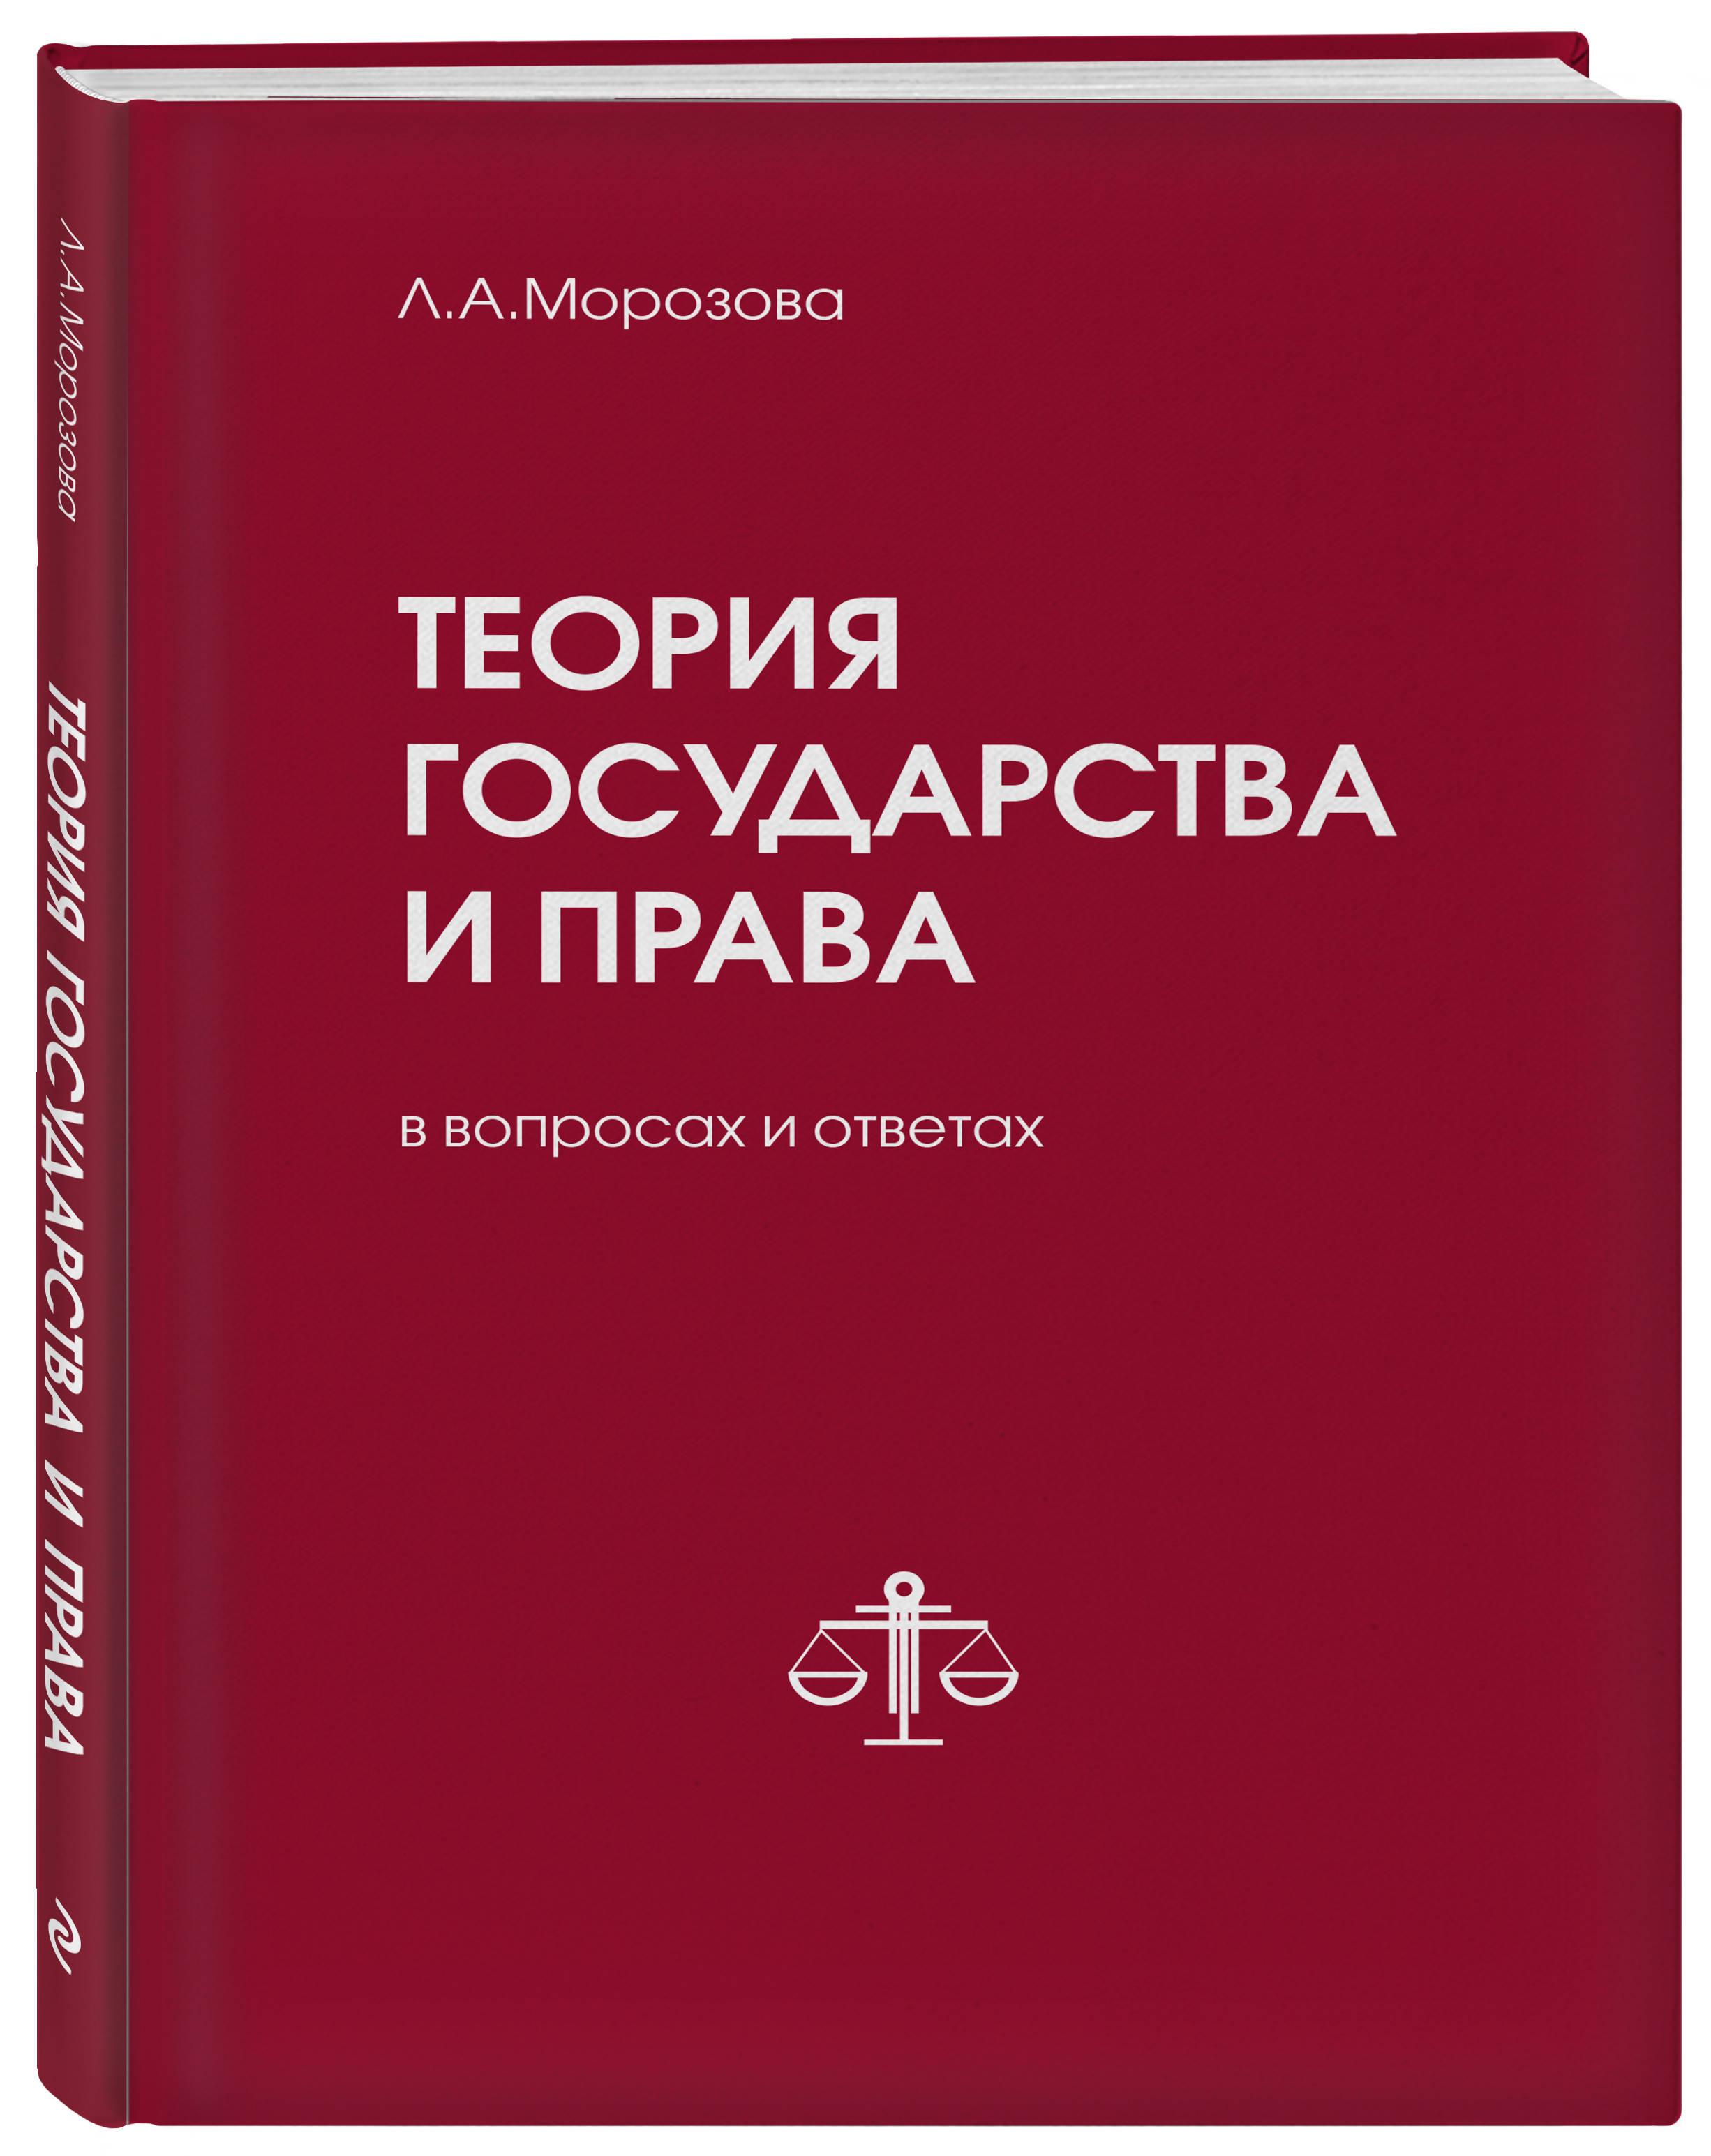 Морозова Л.А. Теория государства и права в вопросах и ответах